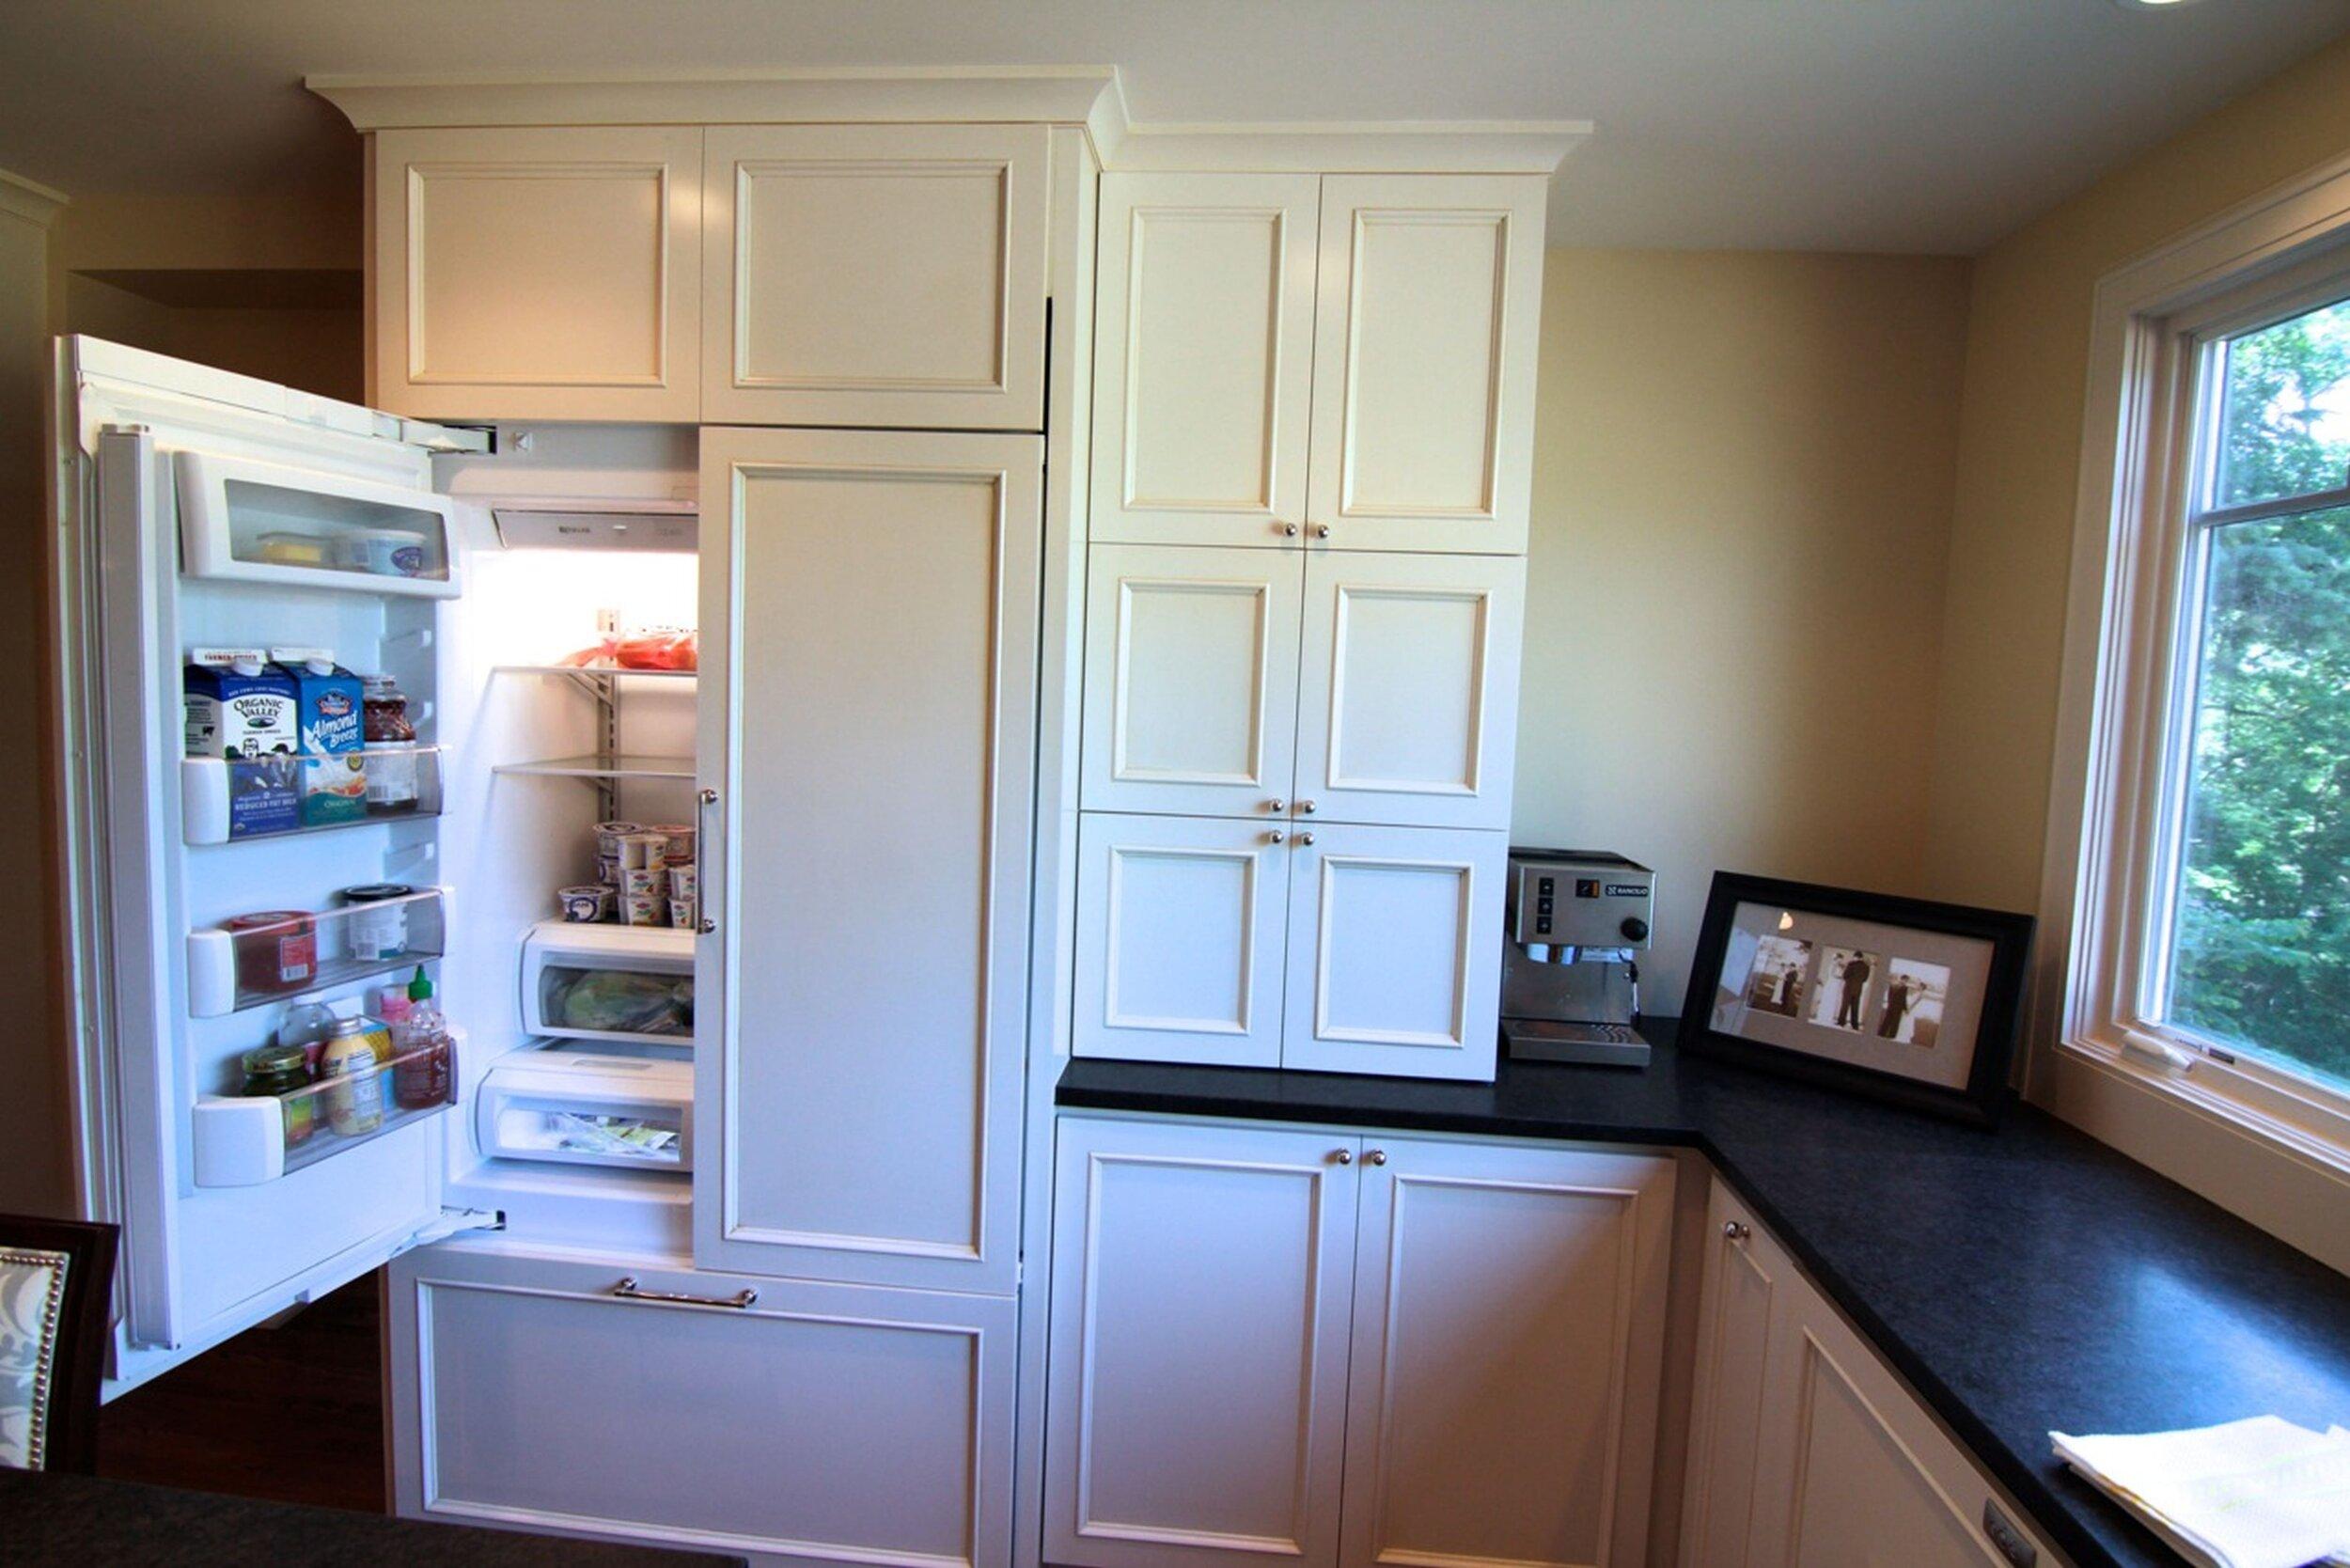 harriet_kitchen_1.jpg